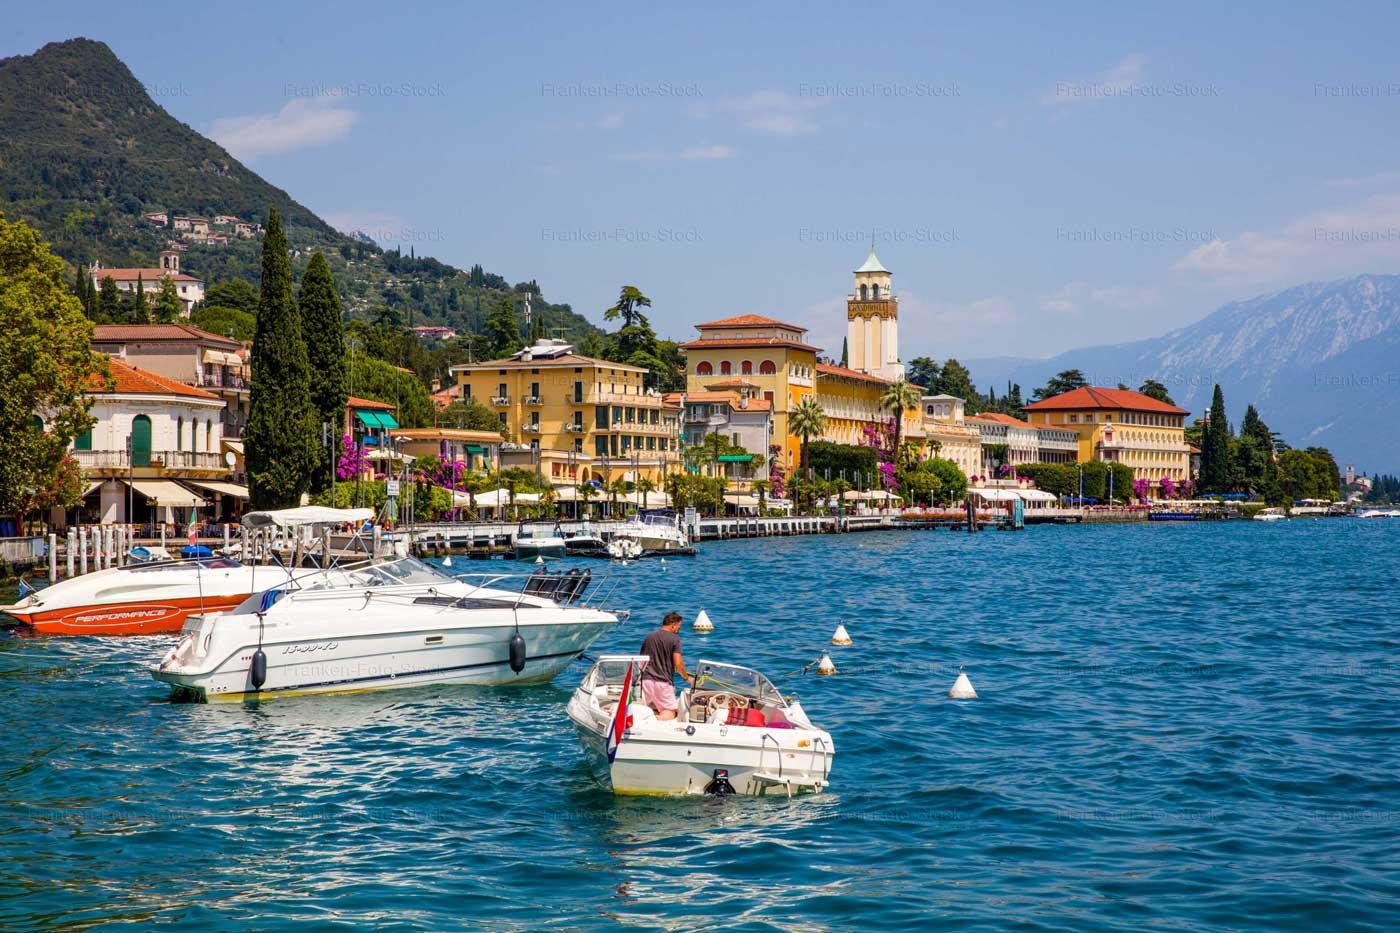 Reise-Bildband Tessin, Lombardei, Venetien durch die Schweiz und Oberitalien